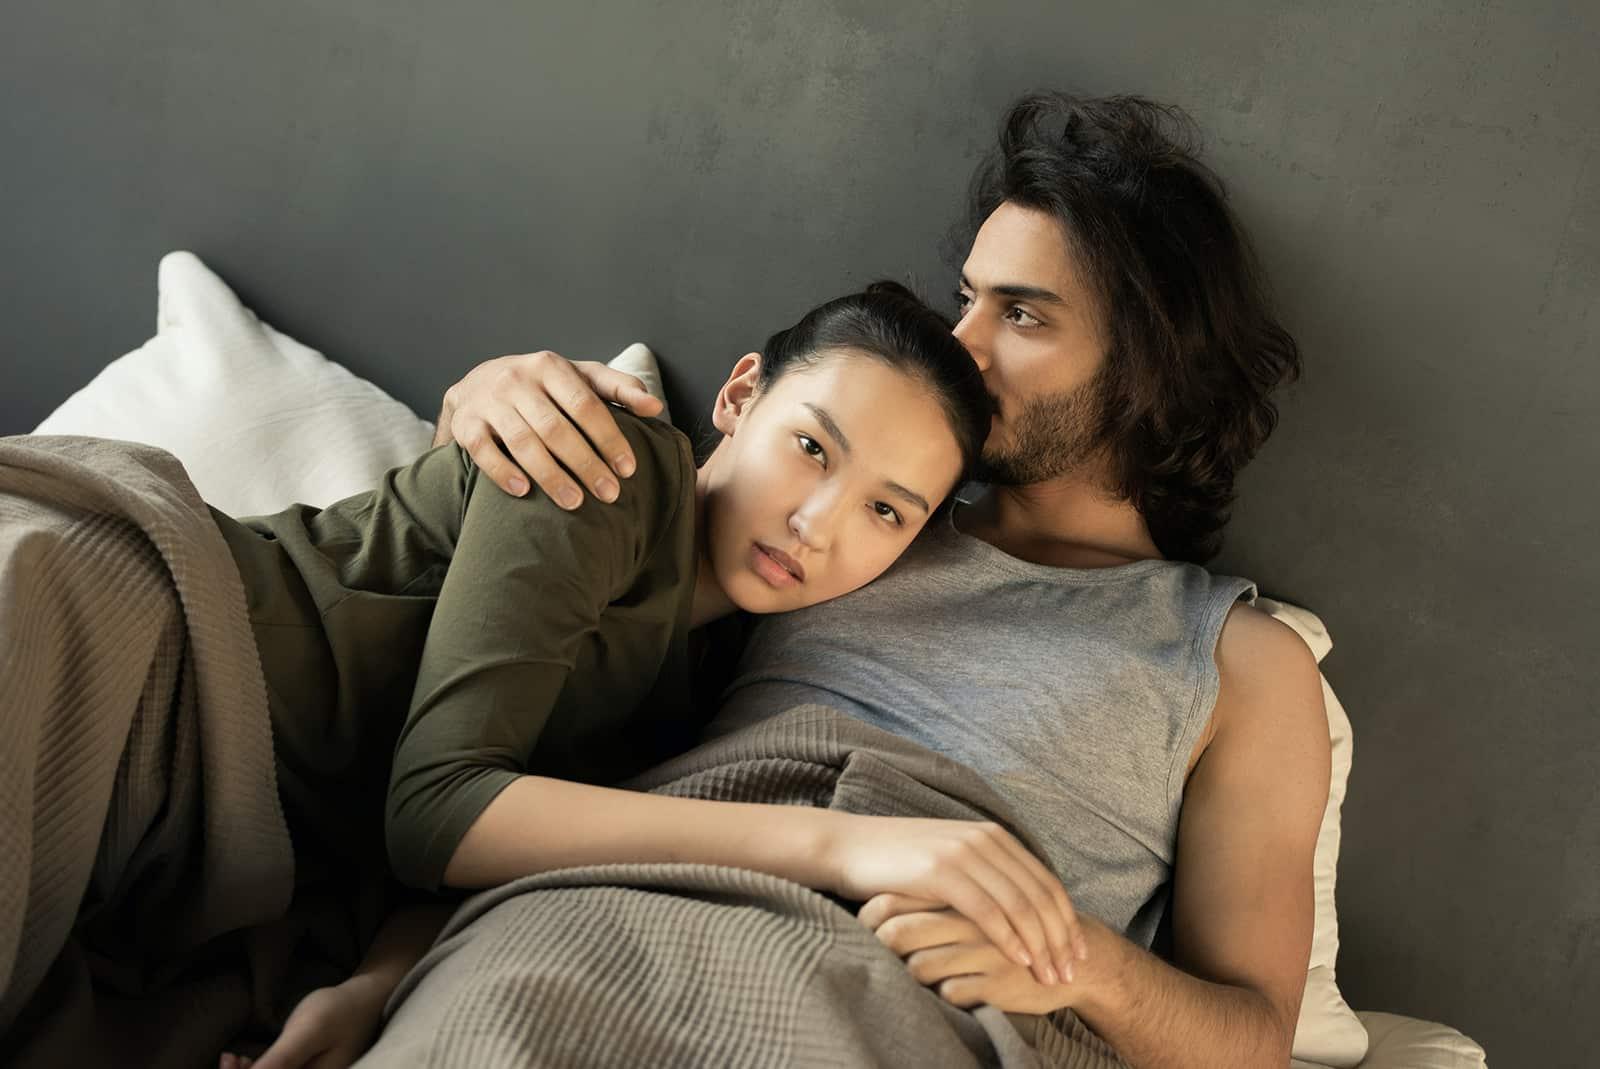 nachdenkliche Frau, die auf der Brust ihres Mannes im Bett liegtnachdenkliche Frau, die auf der Brust ihres Mannes im Bett liegt